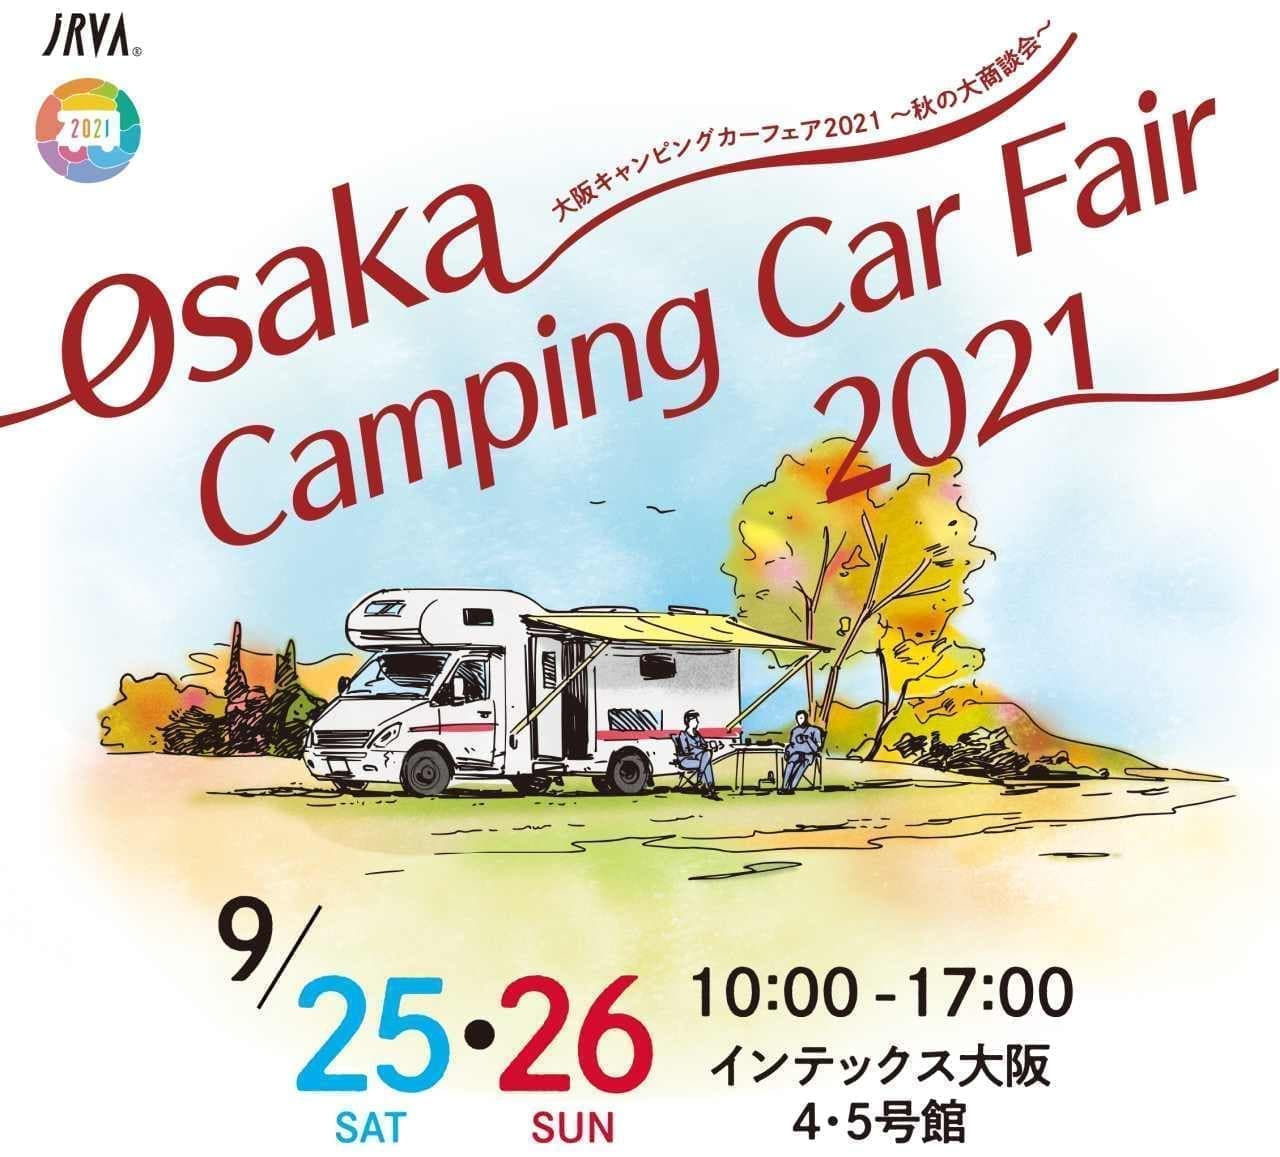 約150台のキャンピングカーが集結「大阪キャンピングカーフェア2021 ~秋の大商談会~」9月25日・26日開催